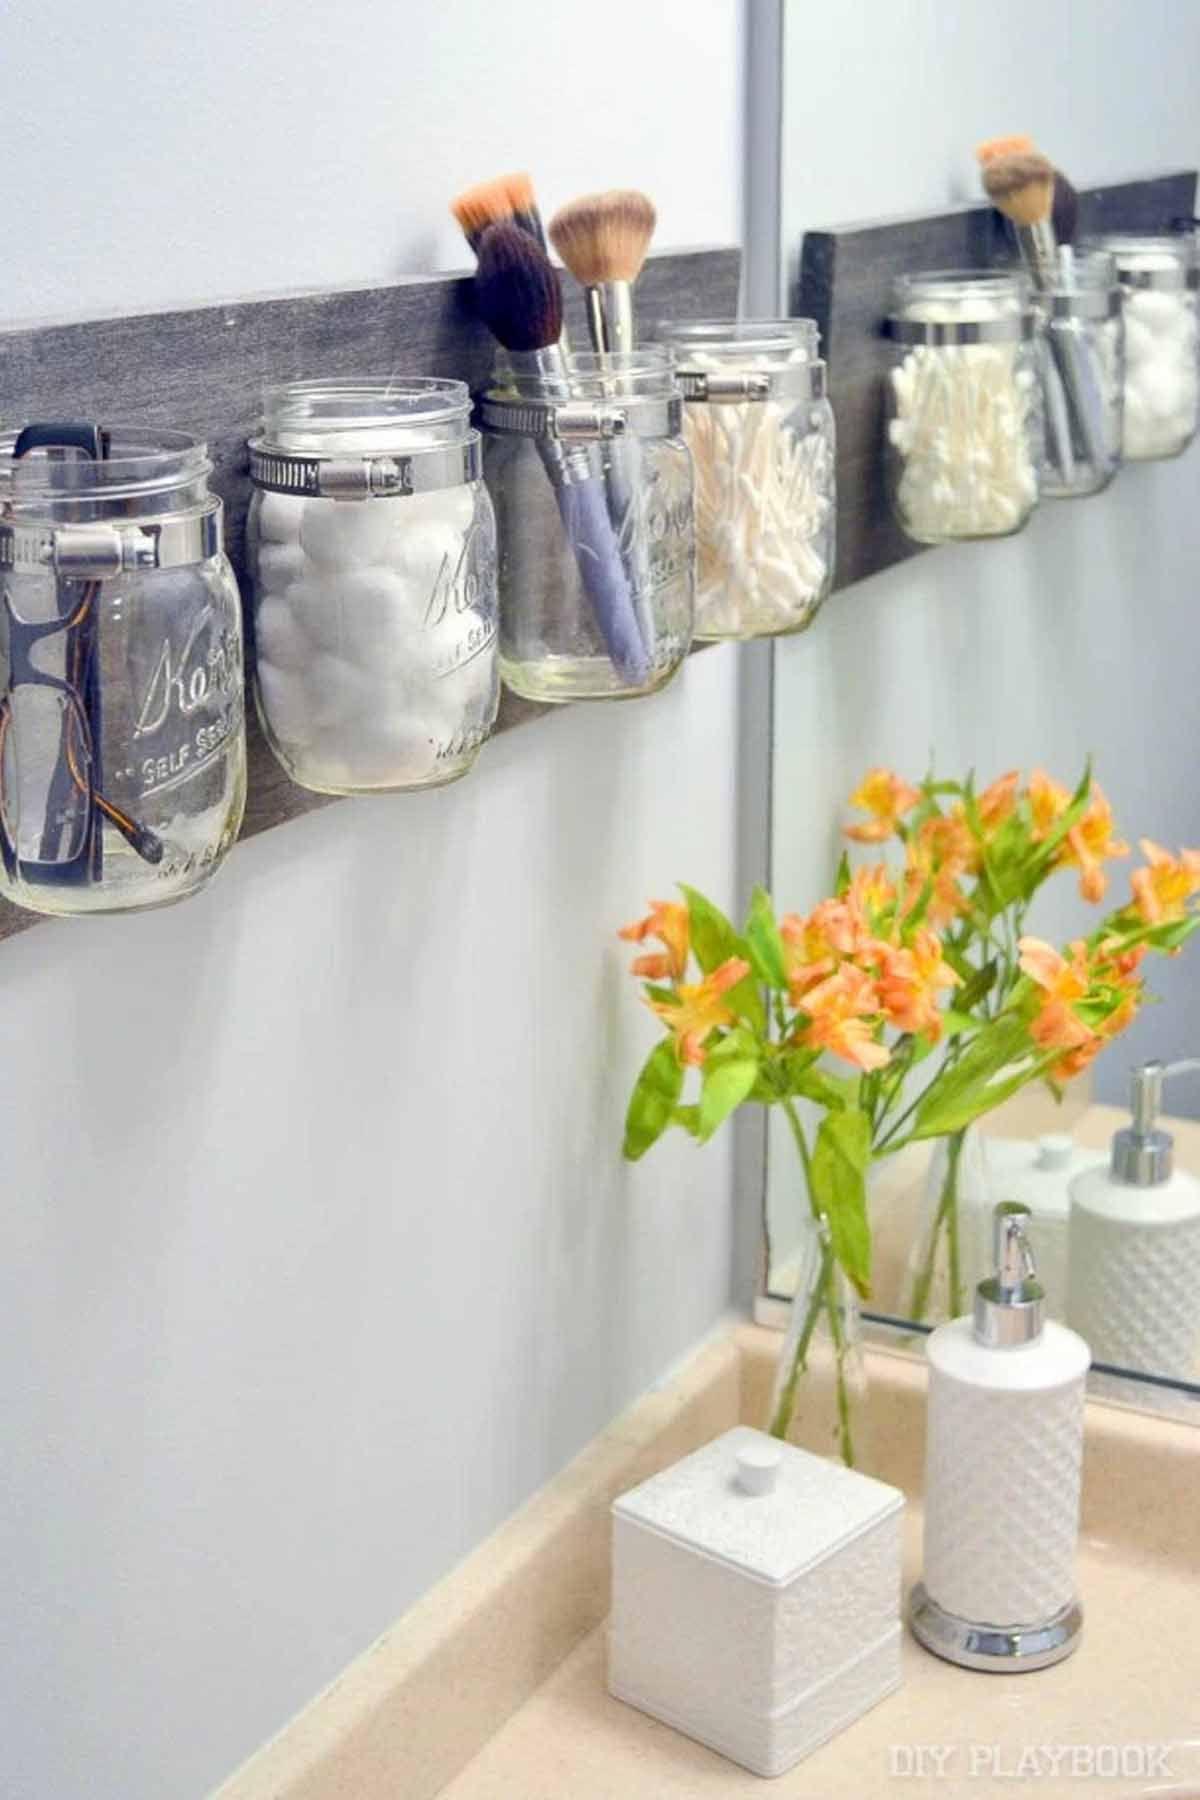 20 Best Bathroom Organization Ideas Diy Bathroom Storage Organizers